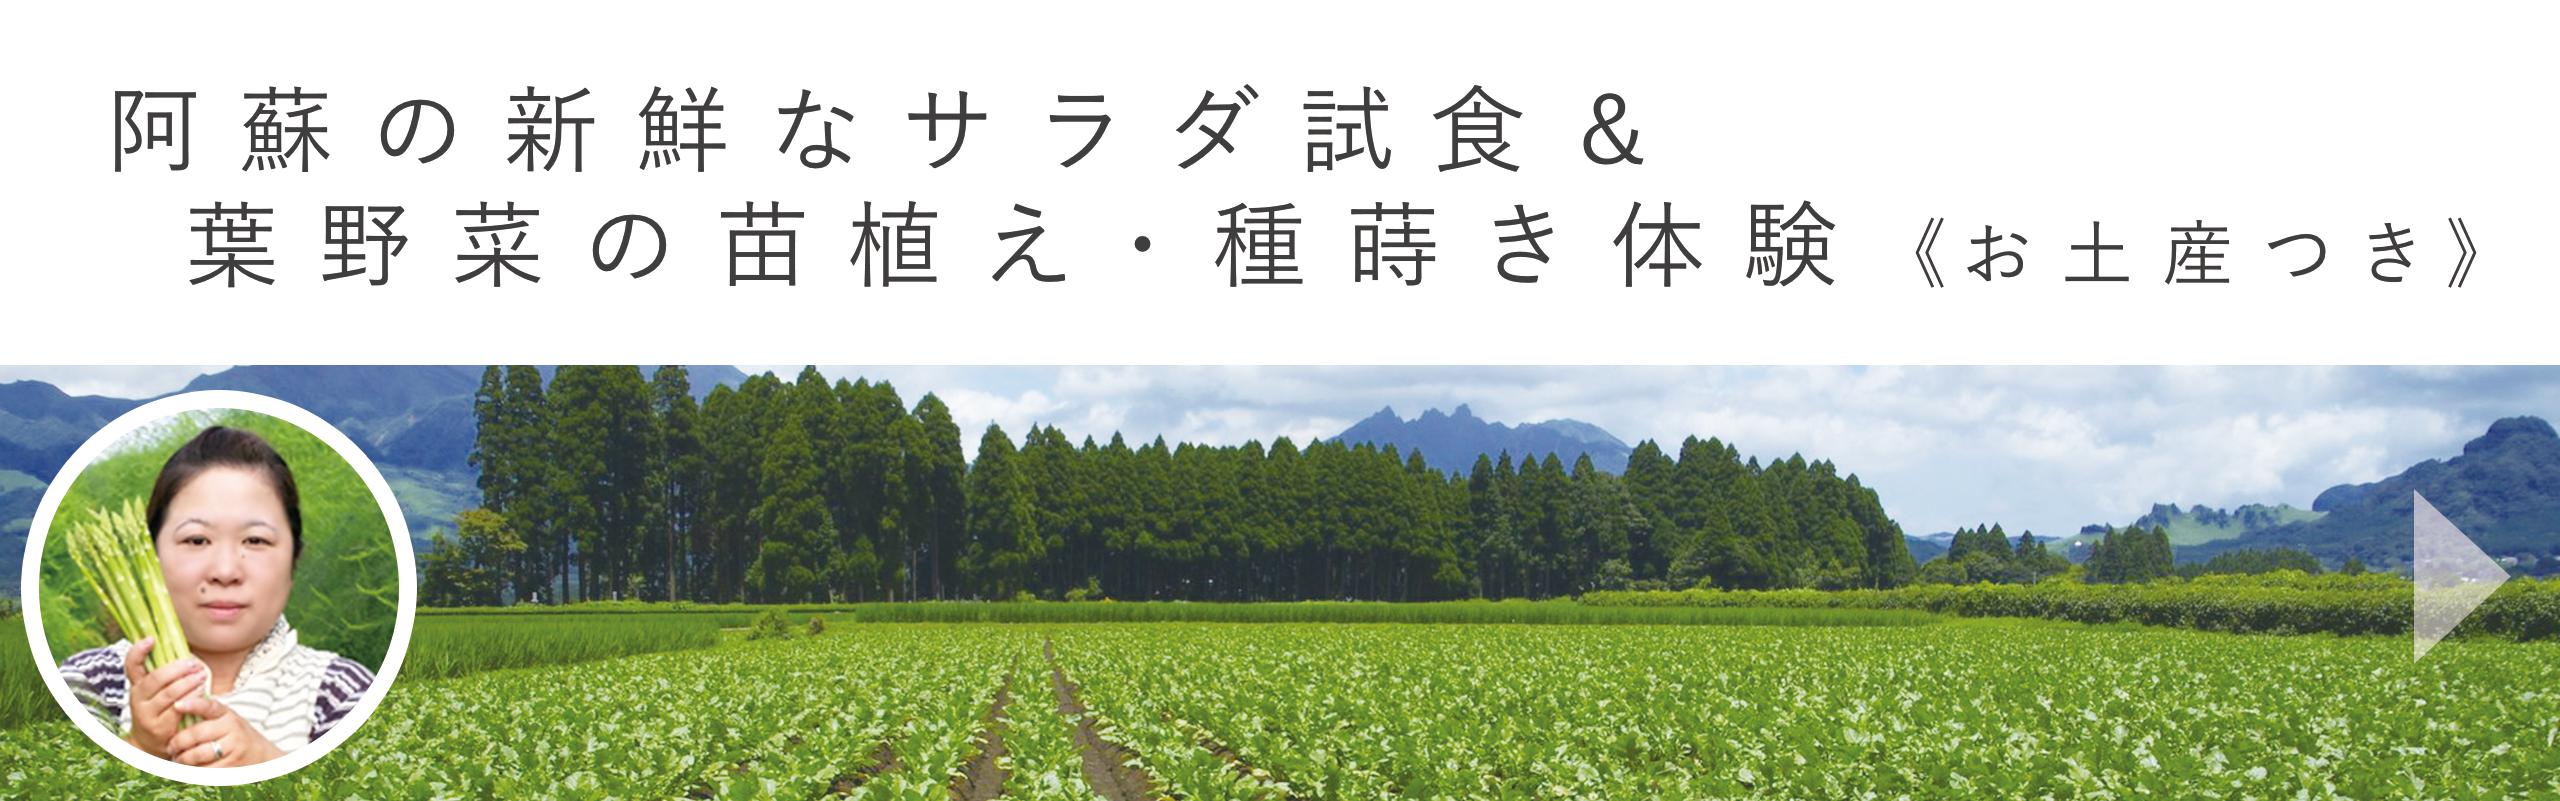 阿蘇の新鮮なサラダ試食と葉野菜の苗植え・種蒔き体験|TABICA